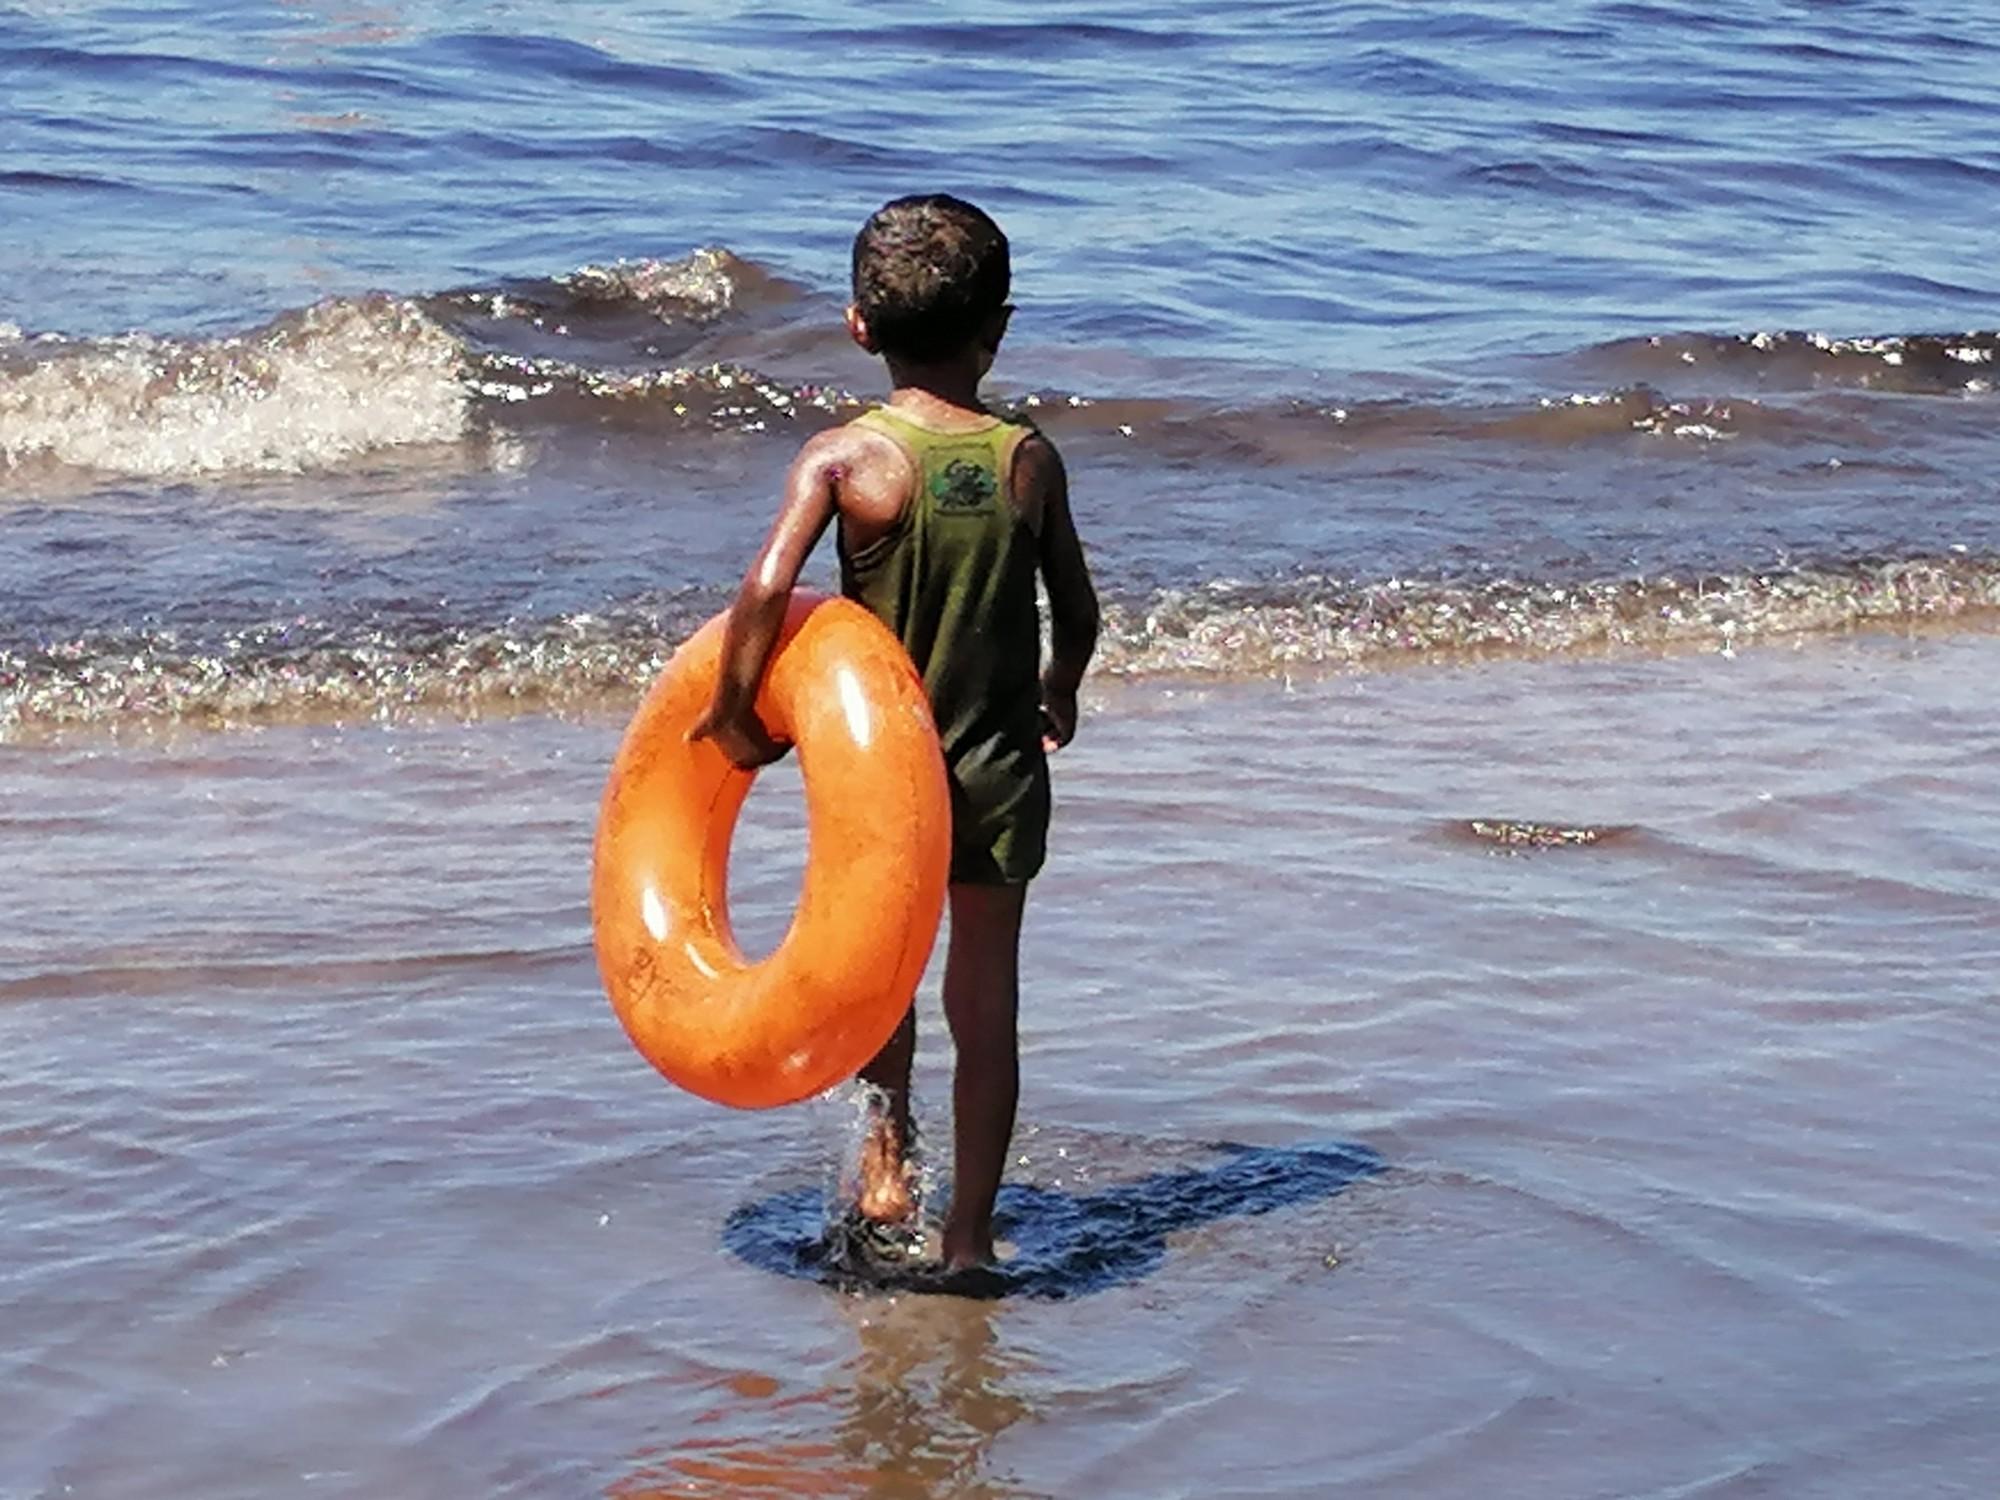 احد الأطفال ملوث بالمواد البترولية